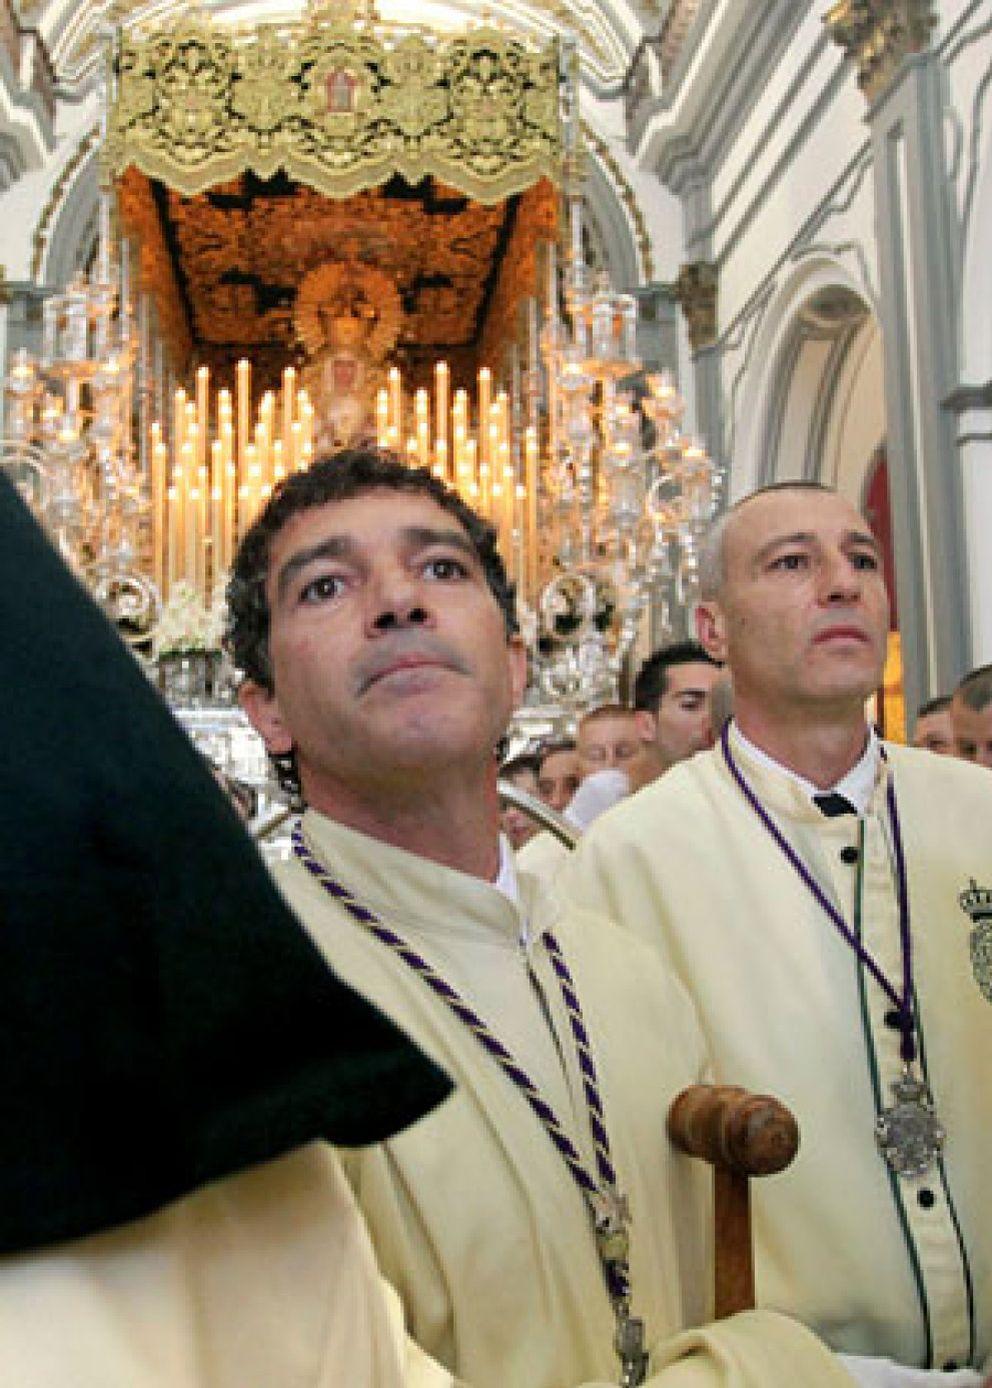 Foto: Banderas se une a las procesiones malagueñas